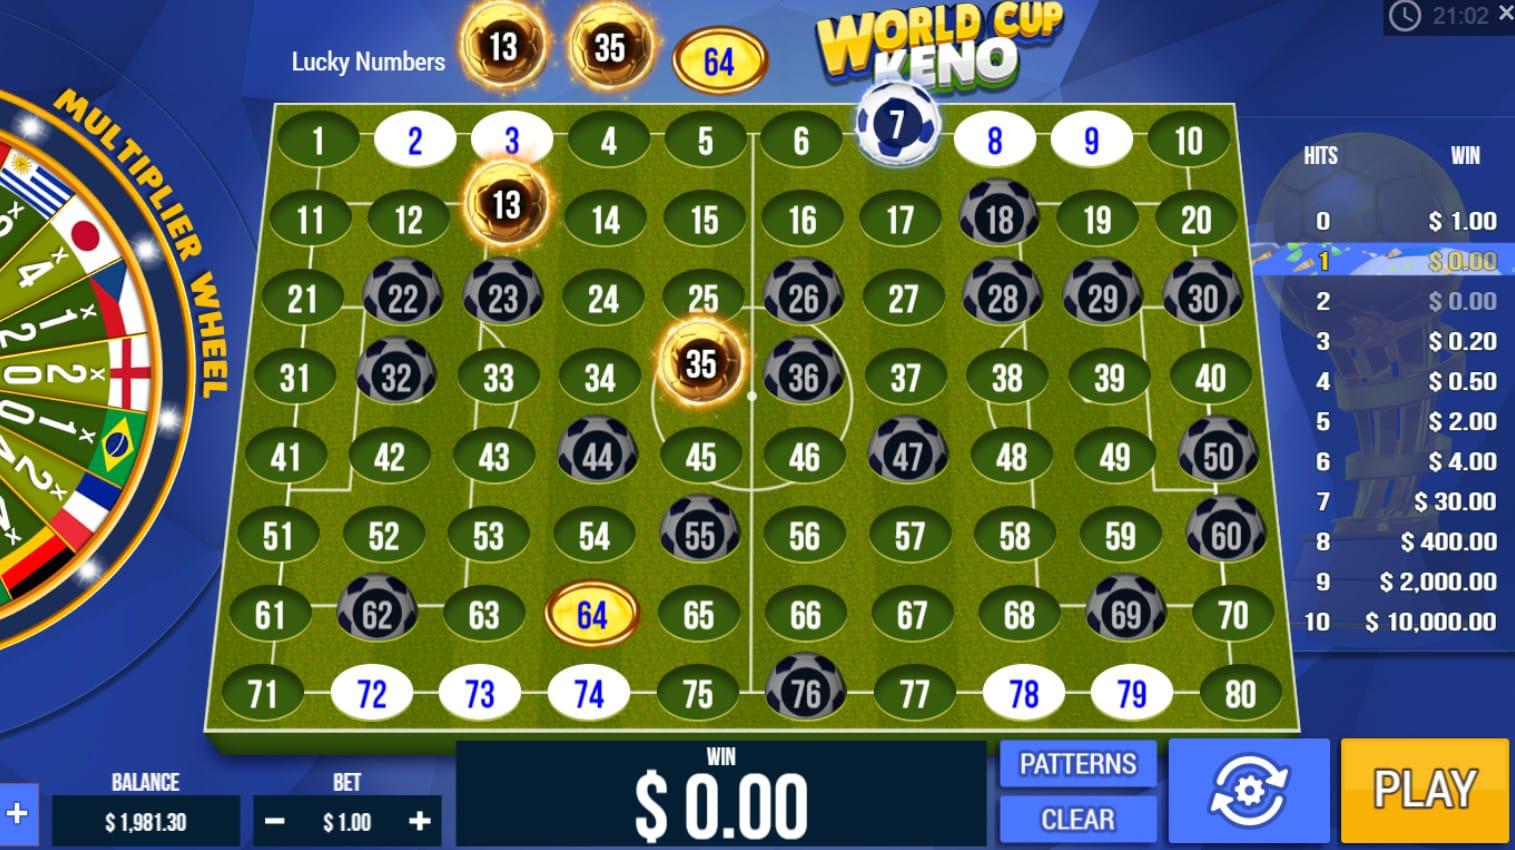 World Kup Keno Game